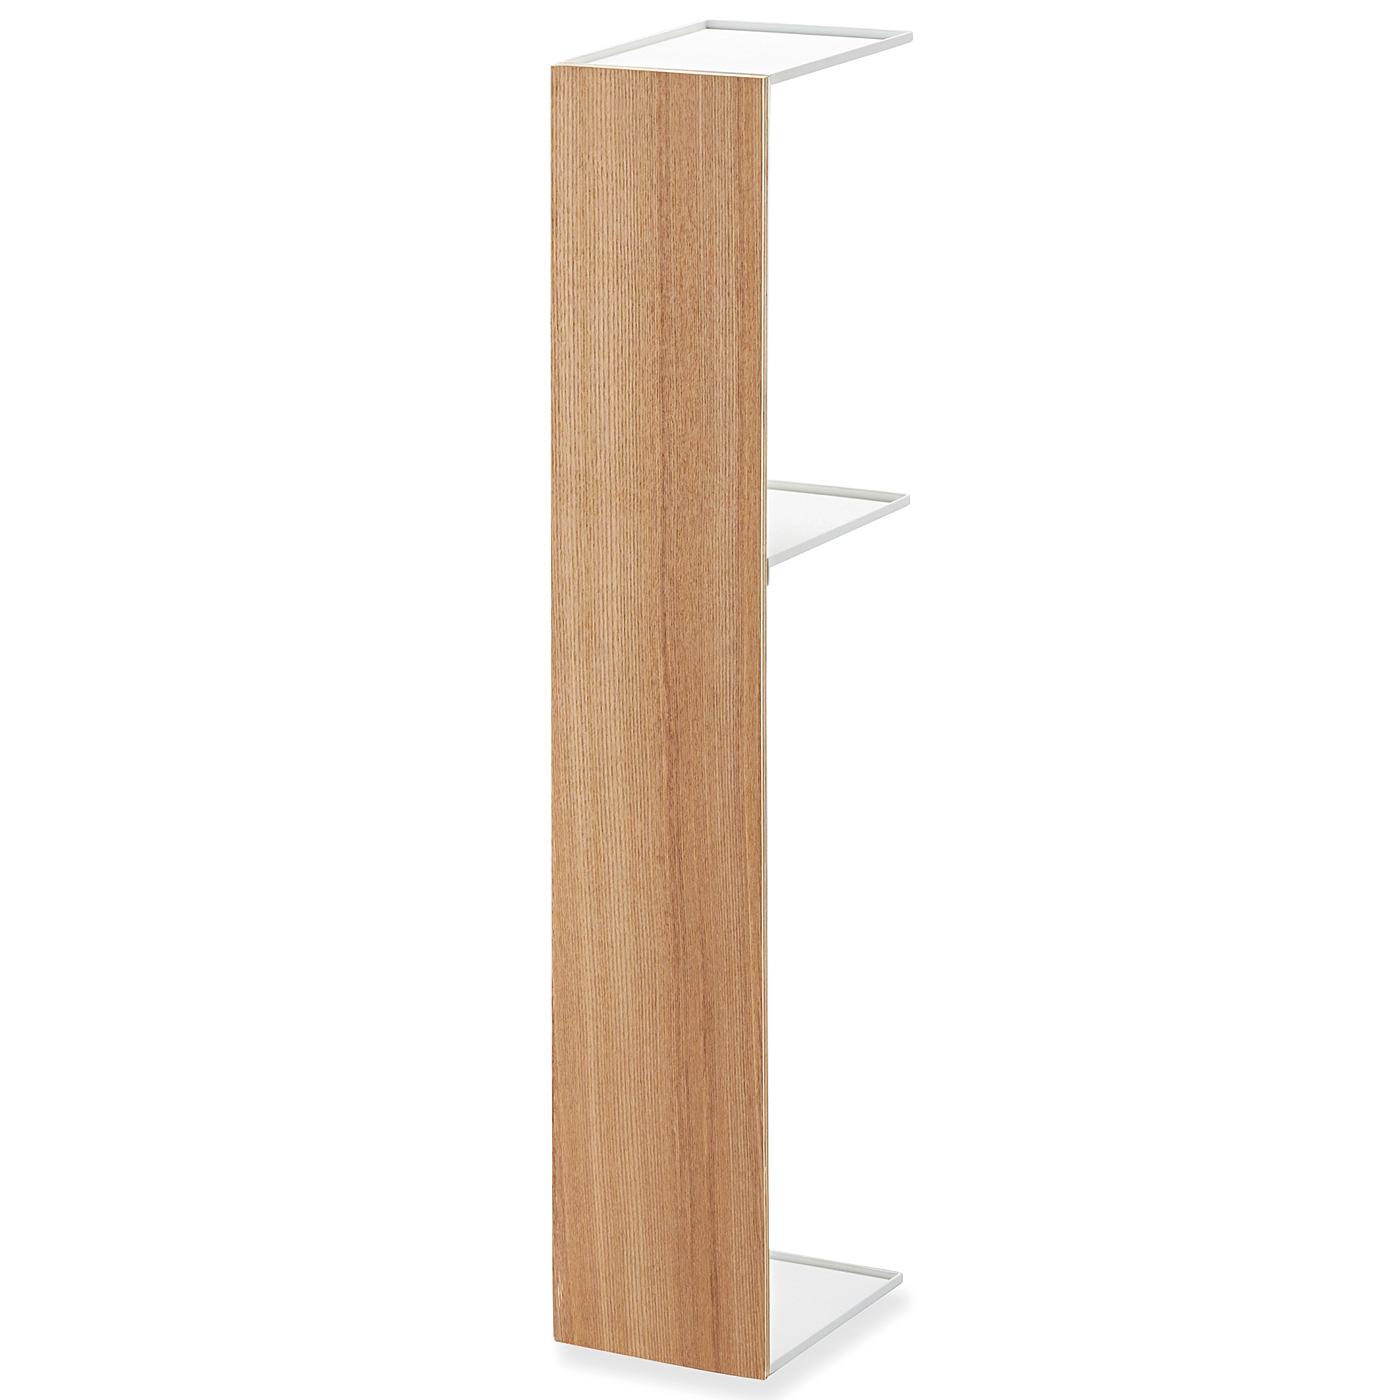 シンプルなデザインは、リビングやキッチンの目隠し収納にもぜひ。